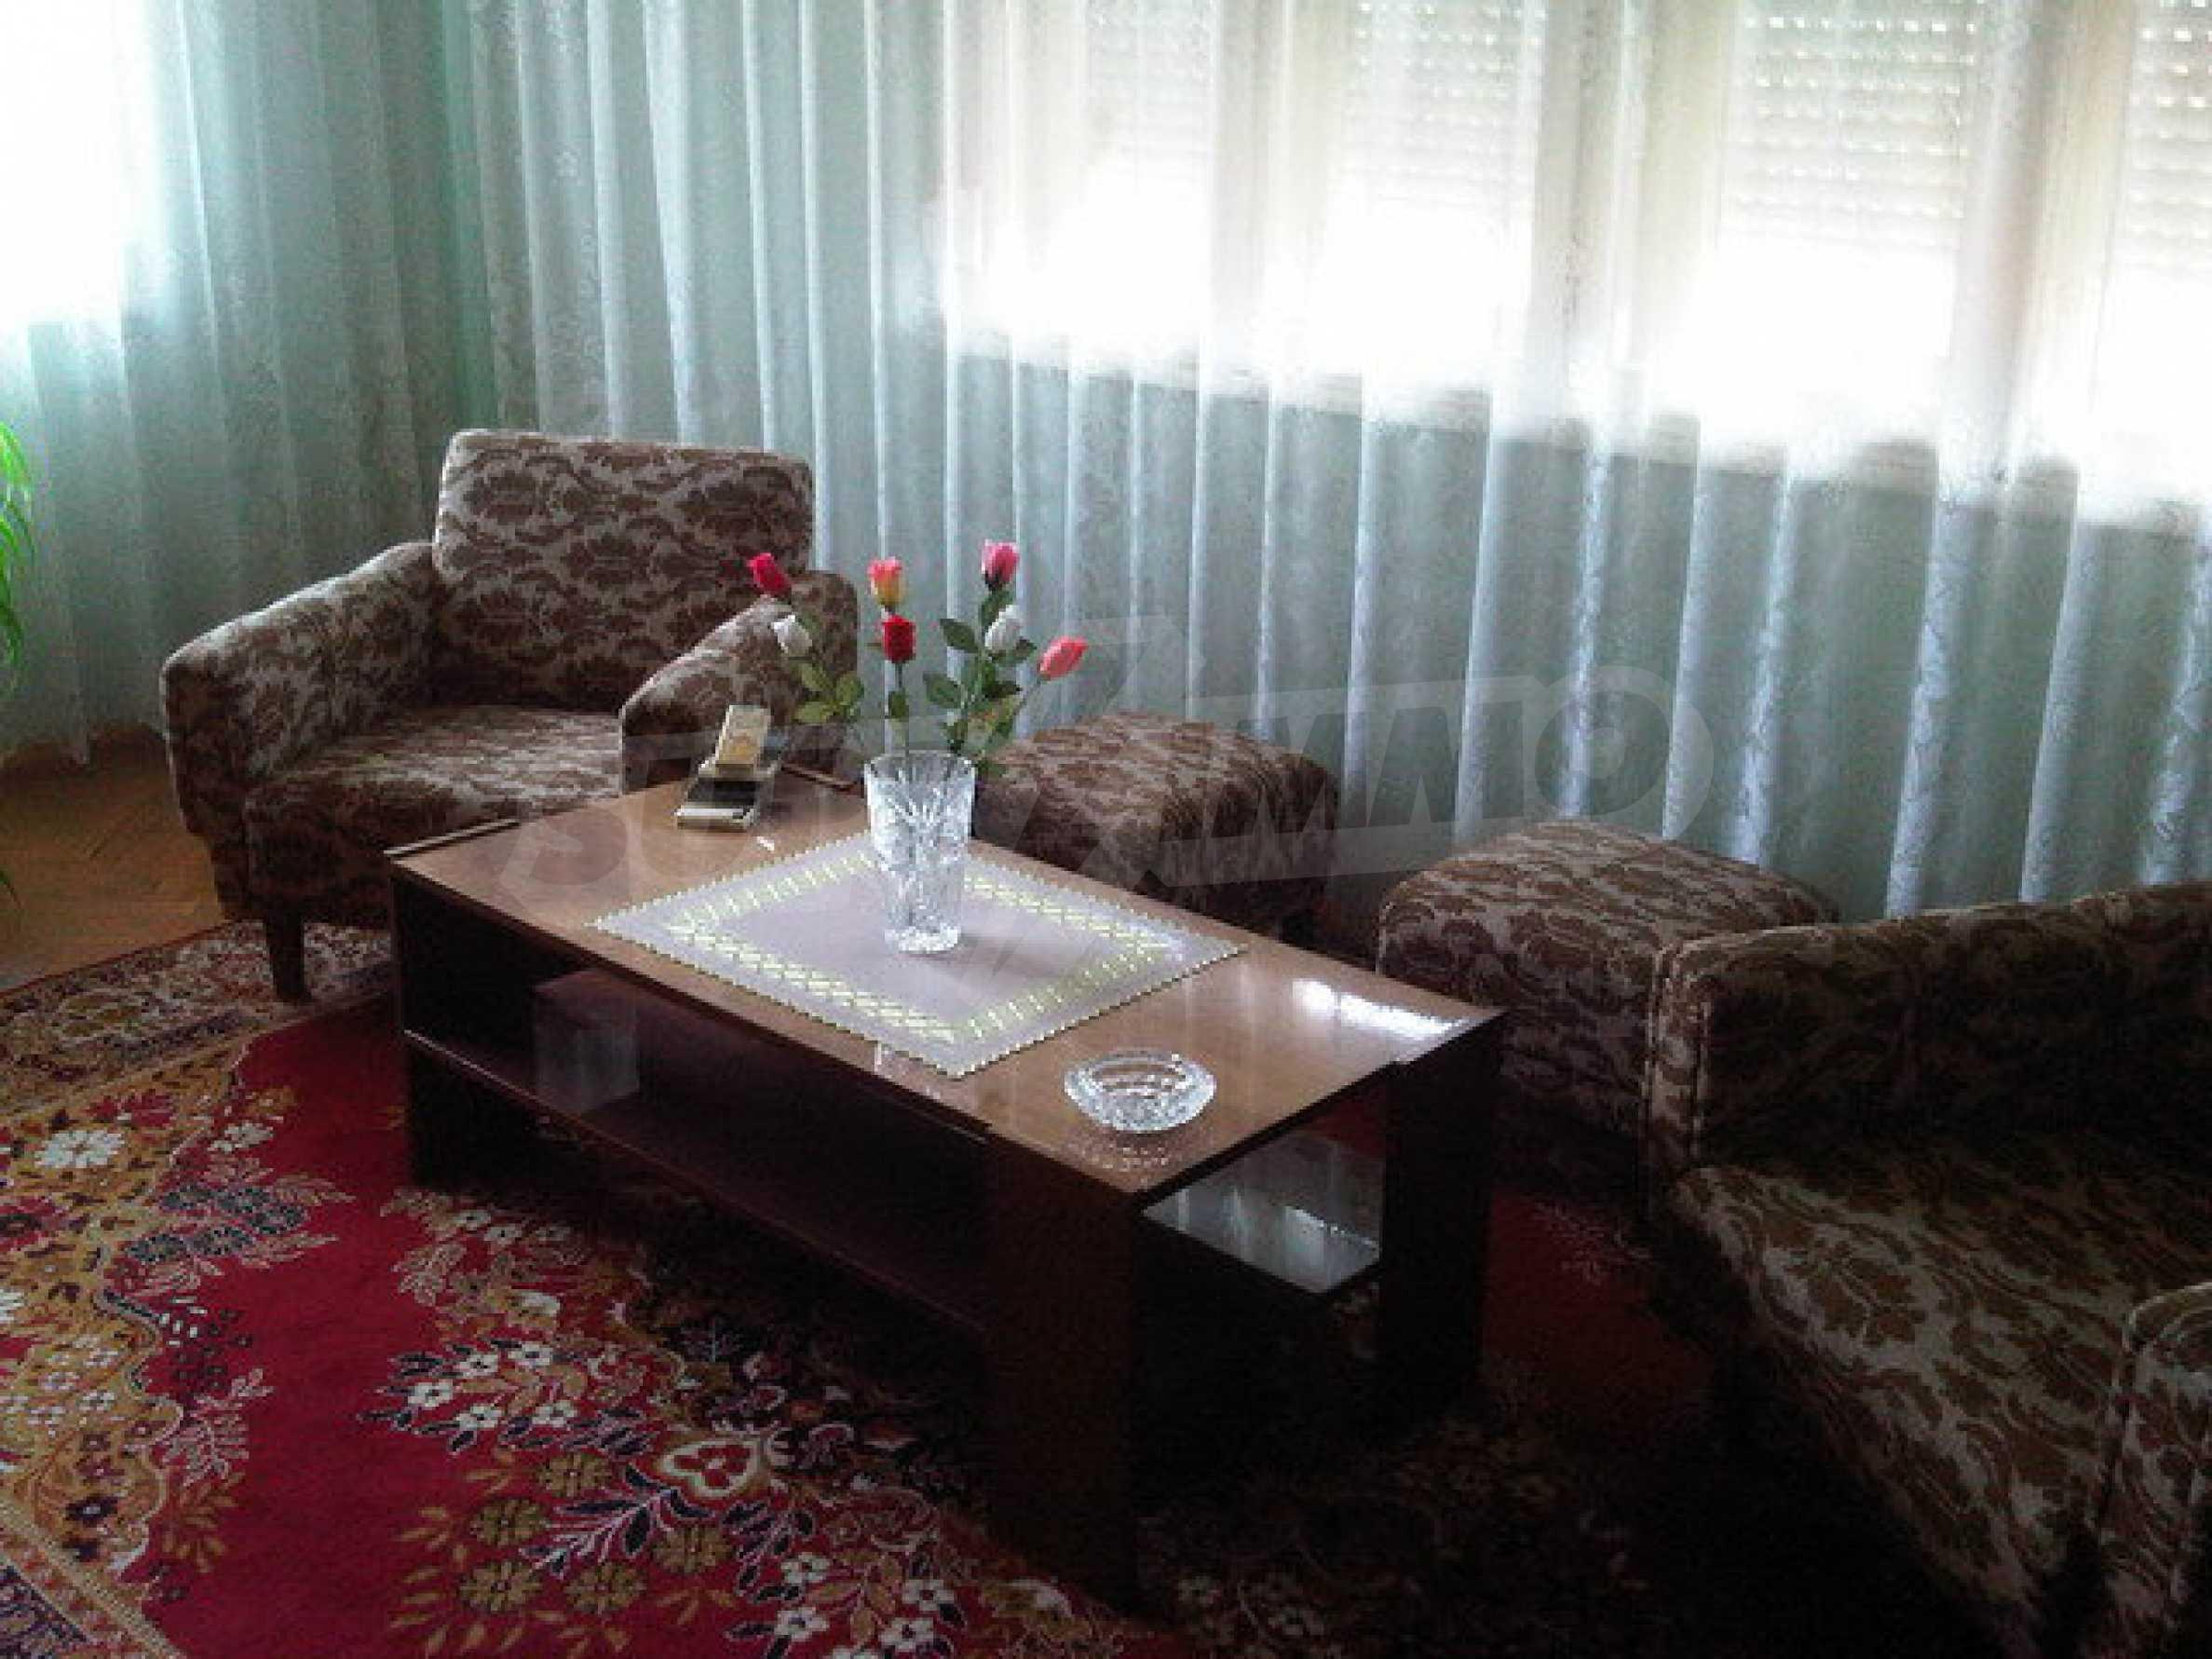 Четиристаен апартамент на втори етаж в сграда в неспосредственна близост центъра на град Севлиево 3